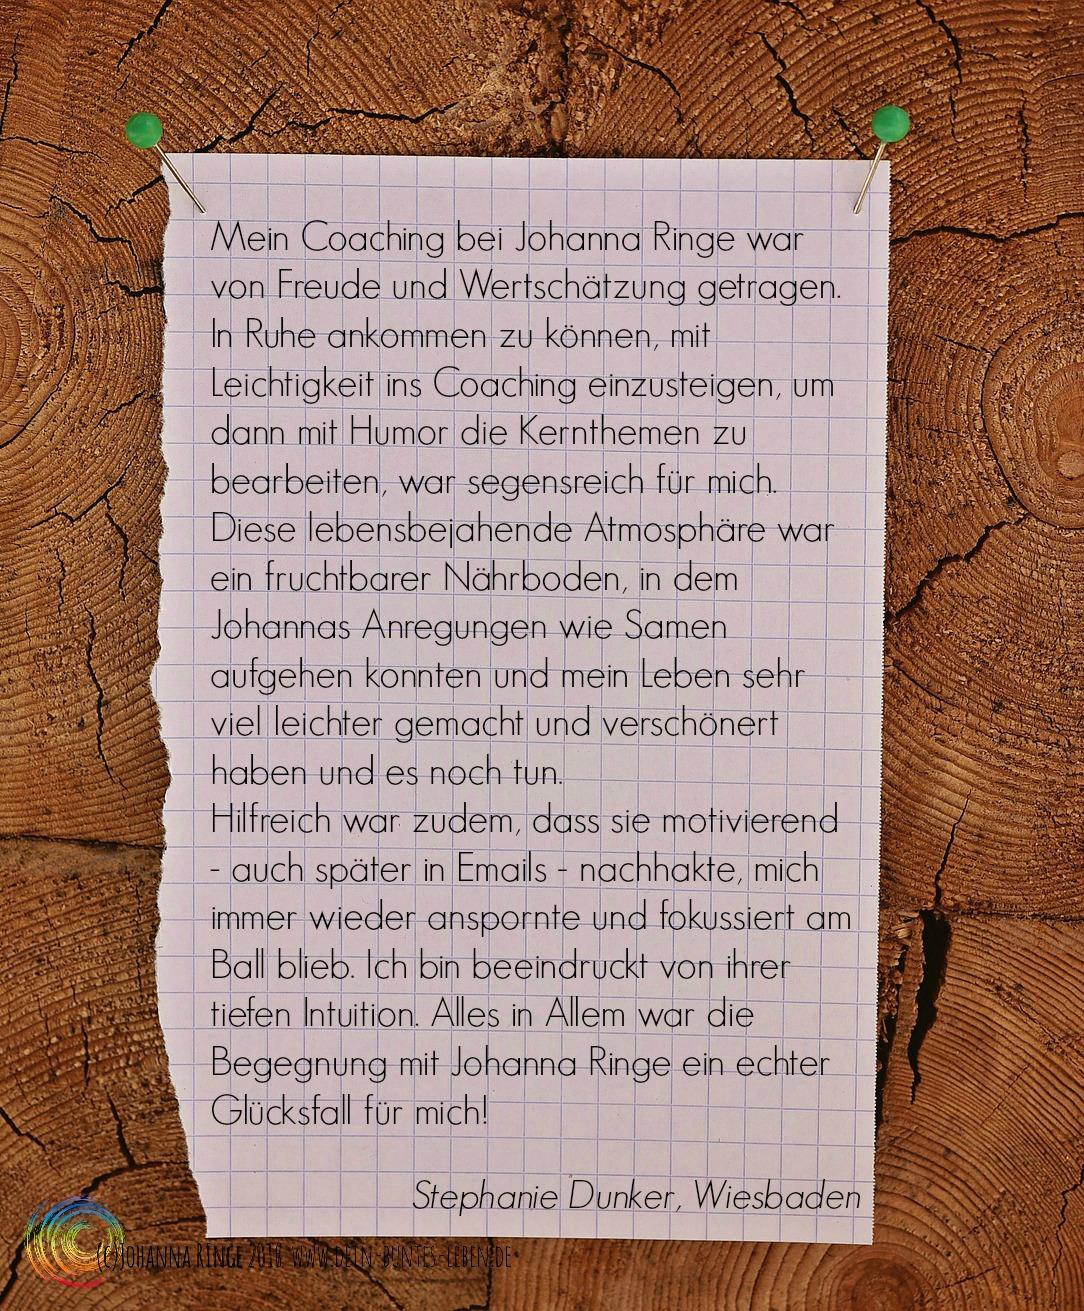 Referenz: Nebenstehender Text auf Zettel an Pinnwand, (c) Johanna RInge www.dein-buntes-leben.de